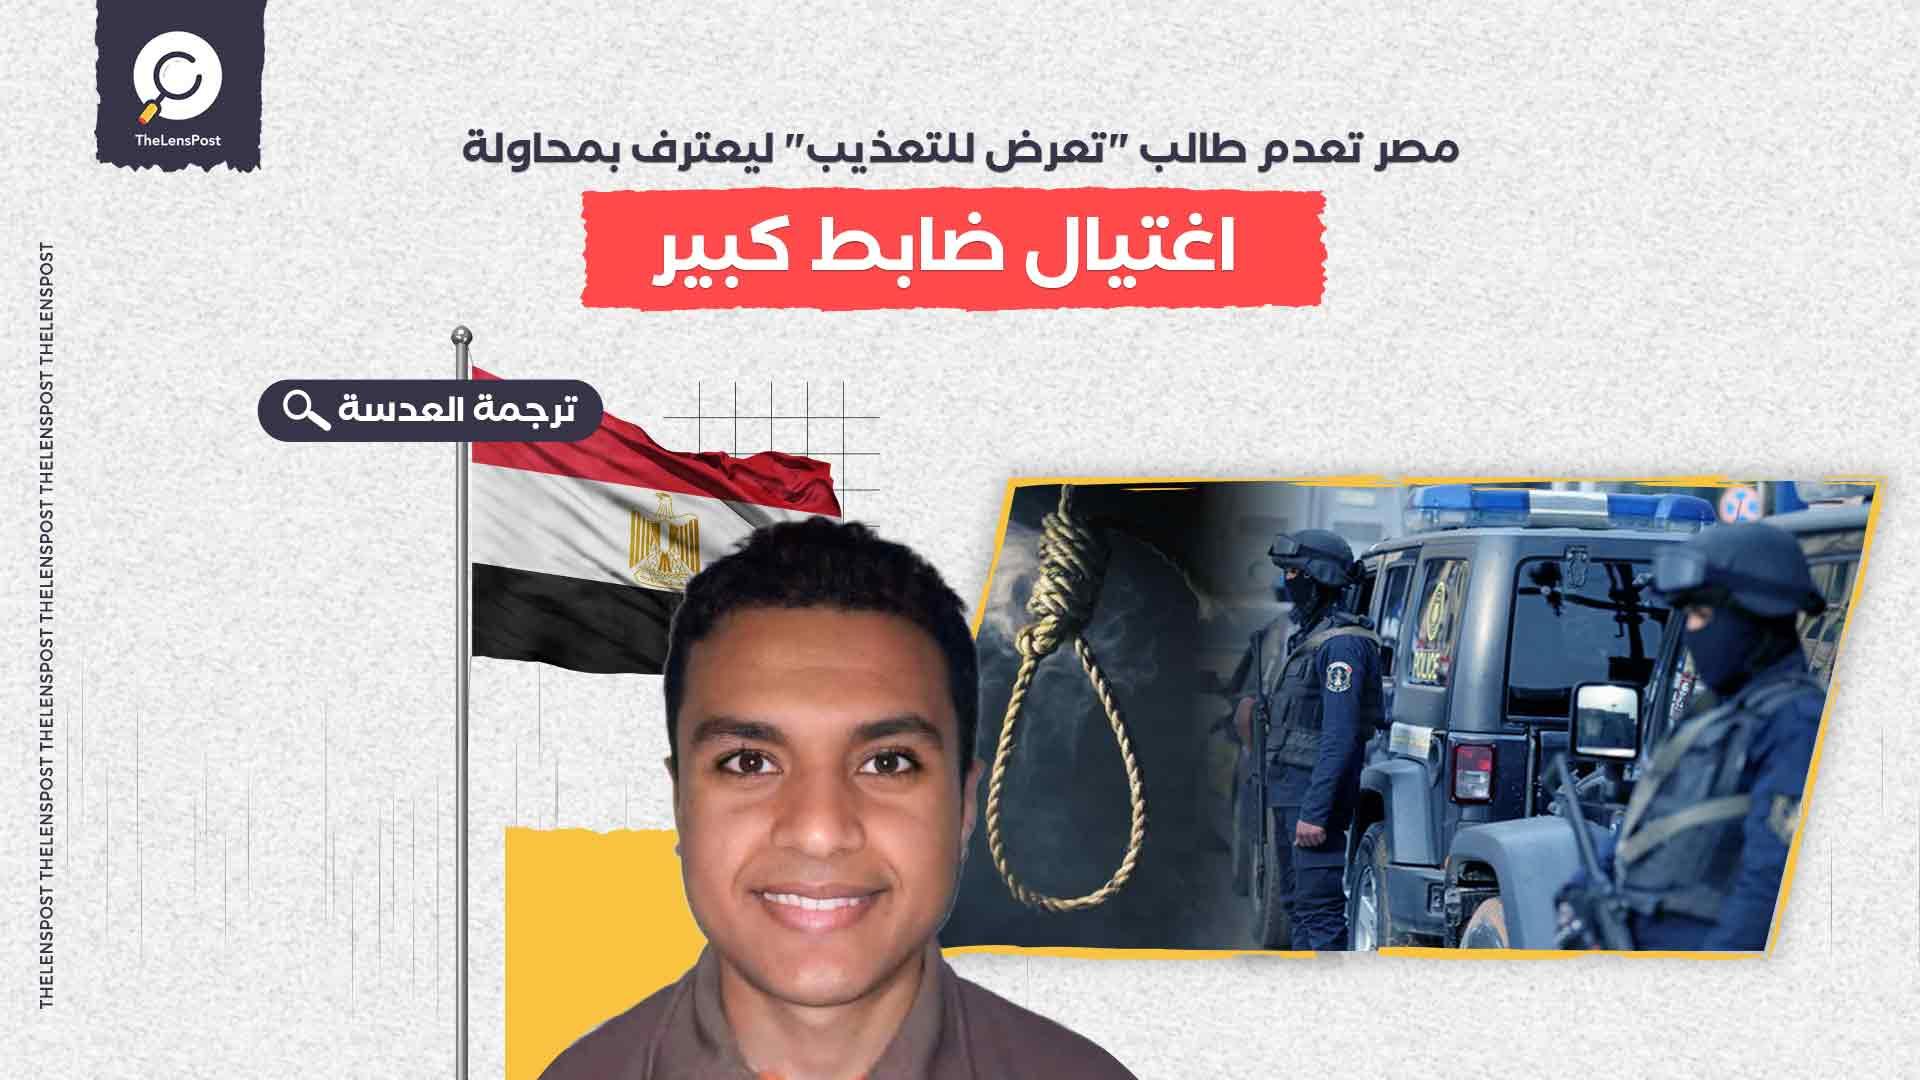 """مصر تعدم طالب """"تعرض للتعذيب"""" ليعترف بمحاولة اغتيال ضابط كبير"""